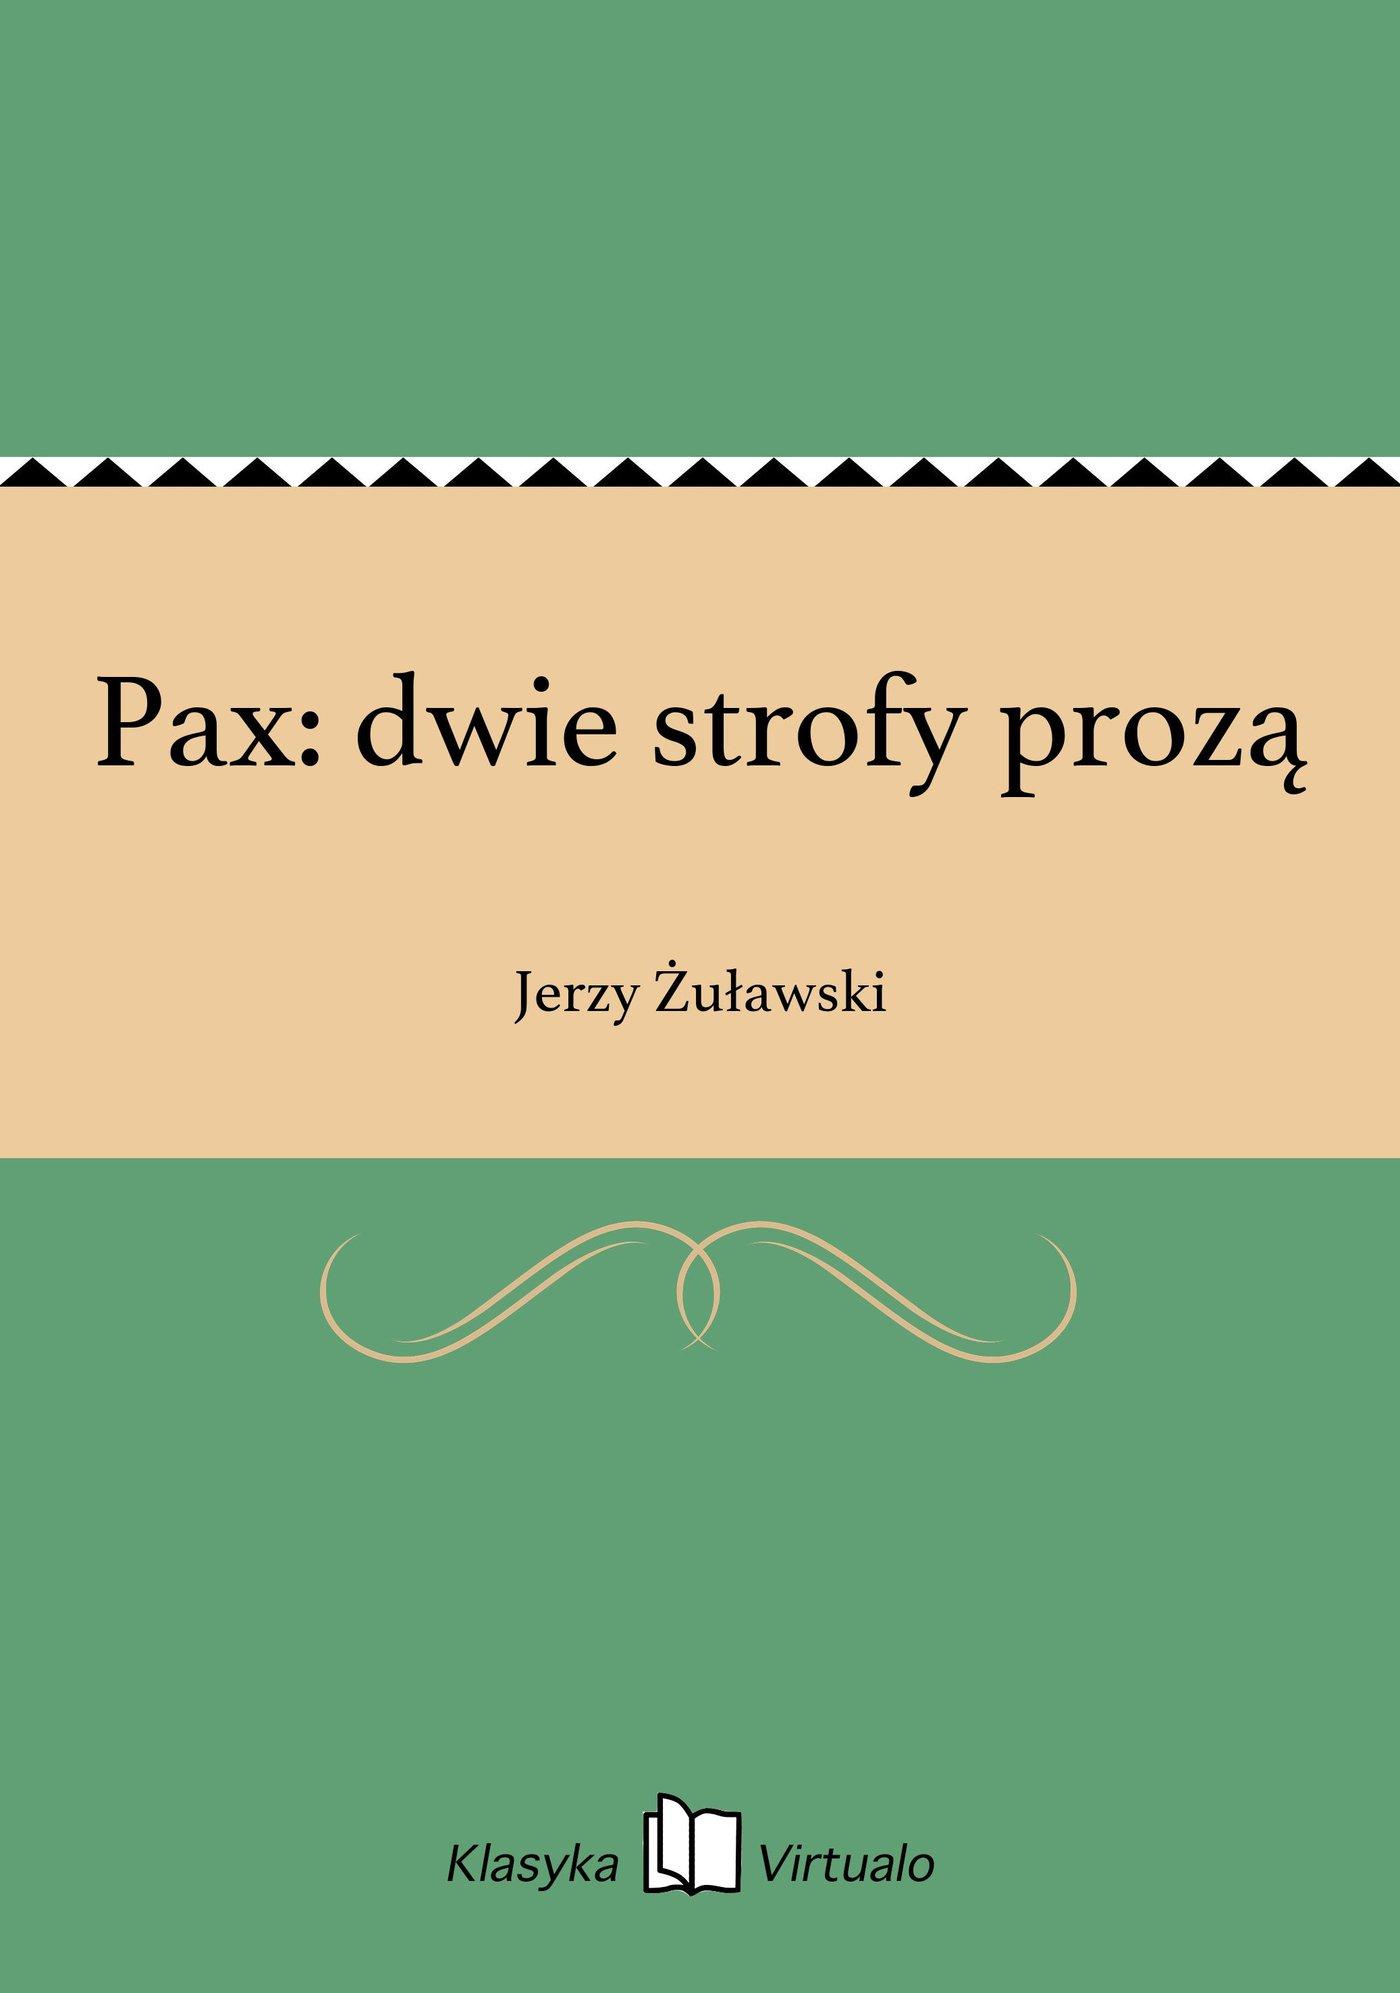 Pax: dwie strofy prozą - Ebook (Książka EPUB) do pobrania w formacie EPUB